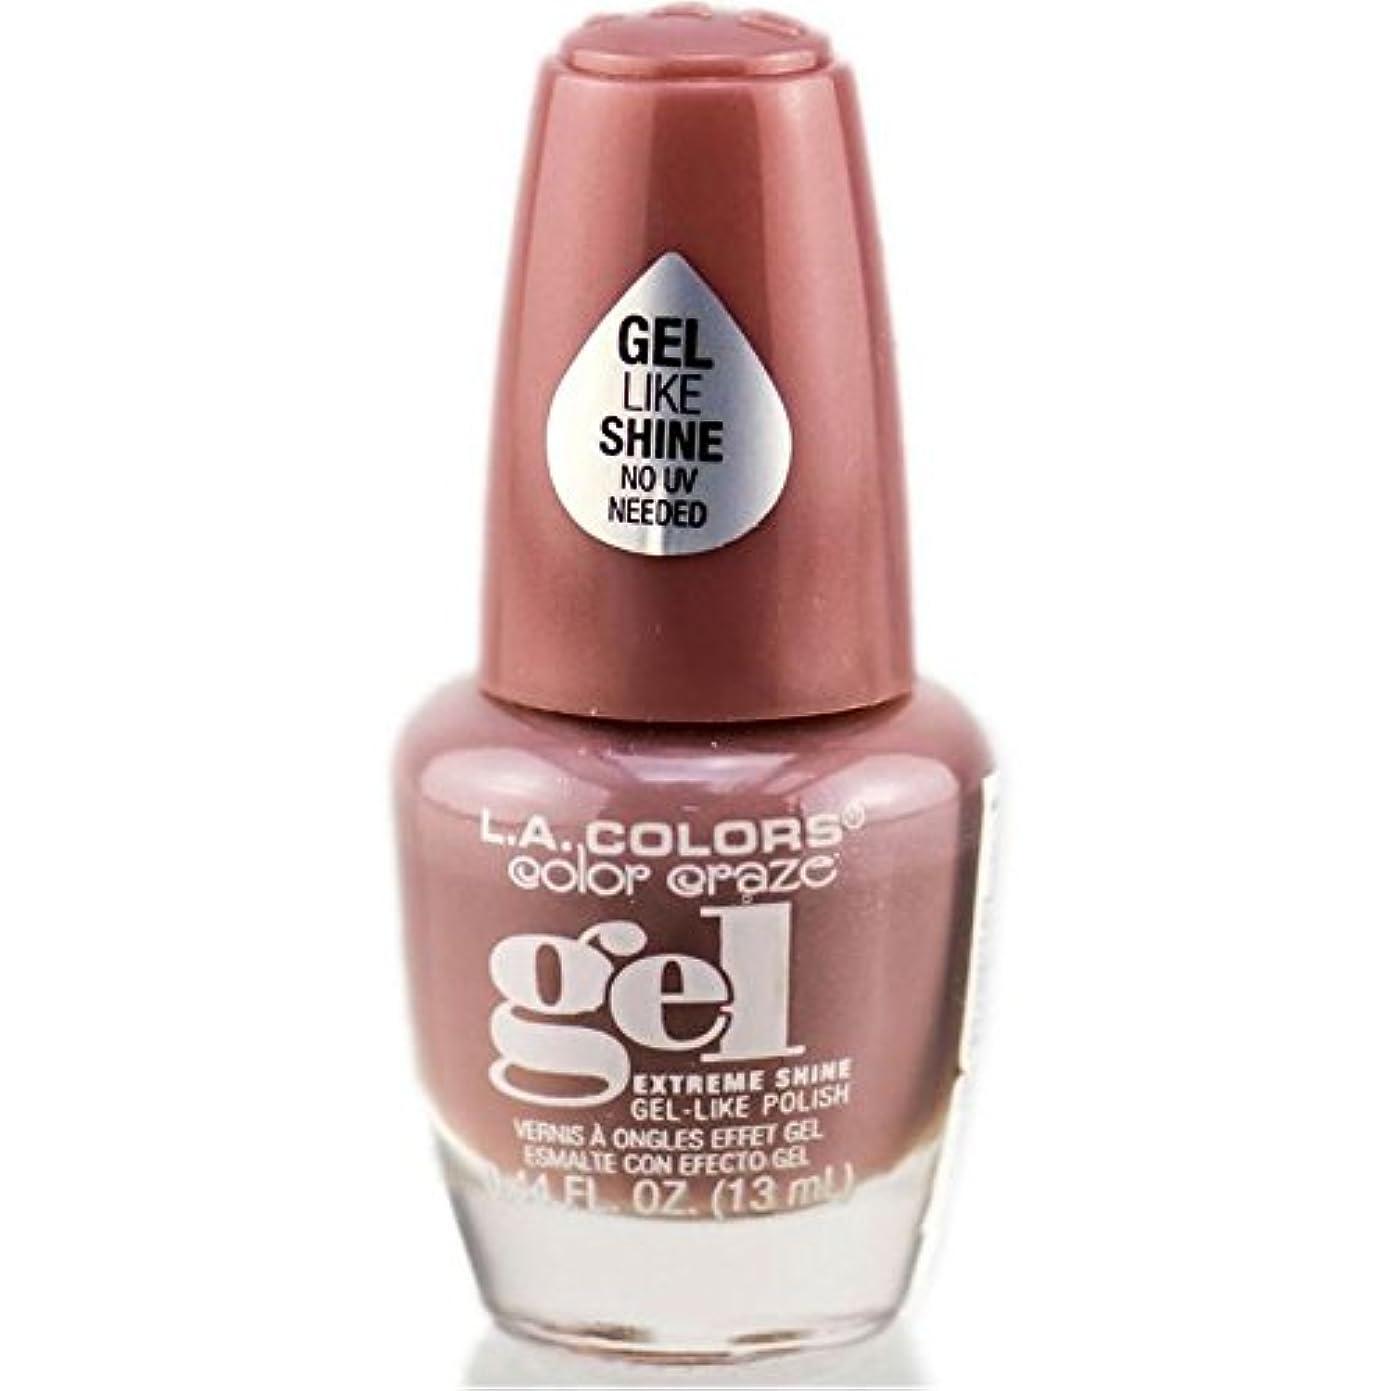 難しい飾る接続されたLA Colors 美容化粧品21 Cnp769美容化粧品21